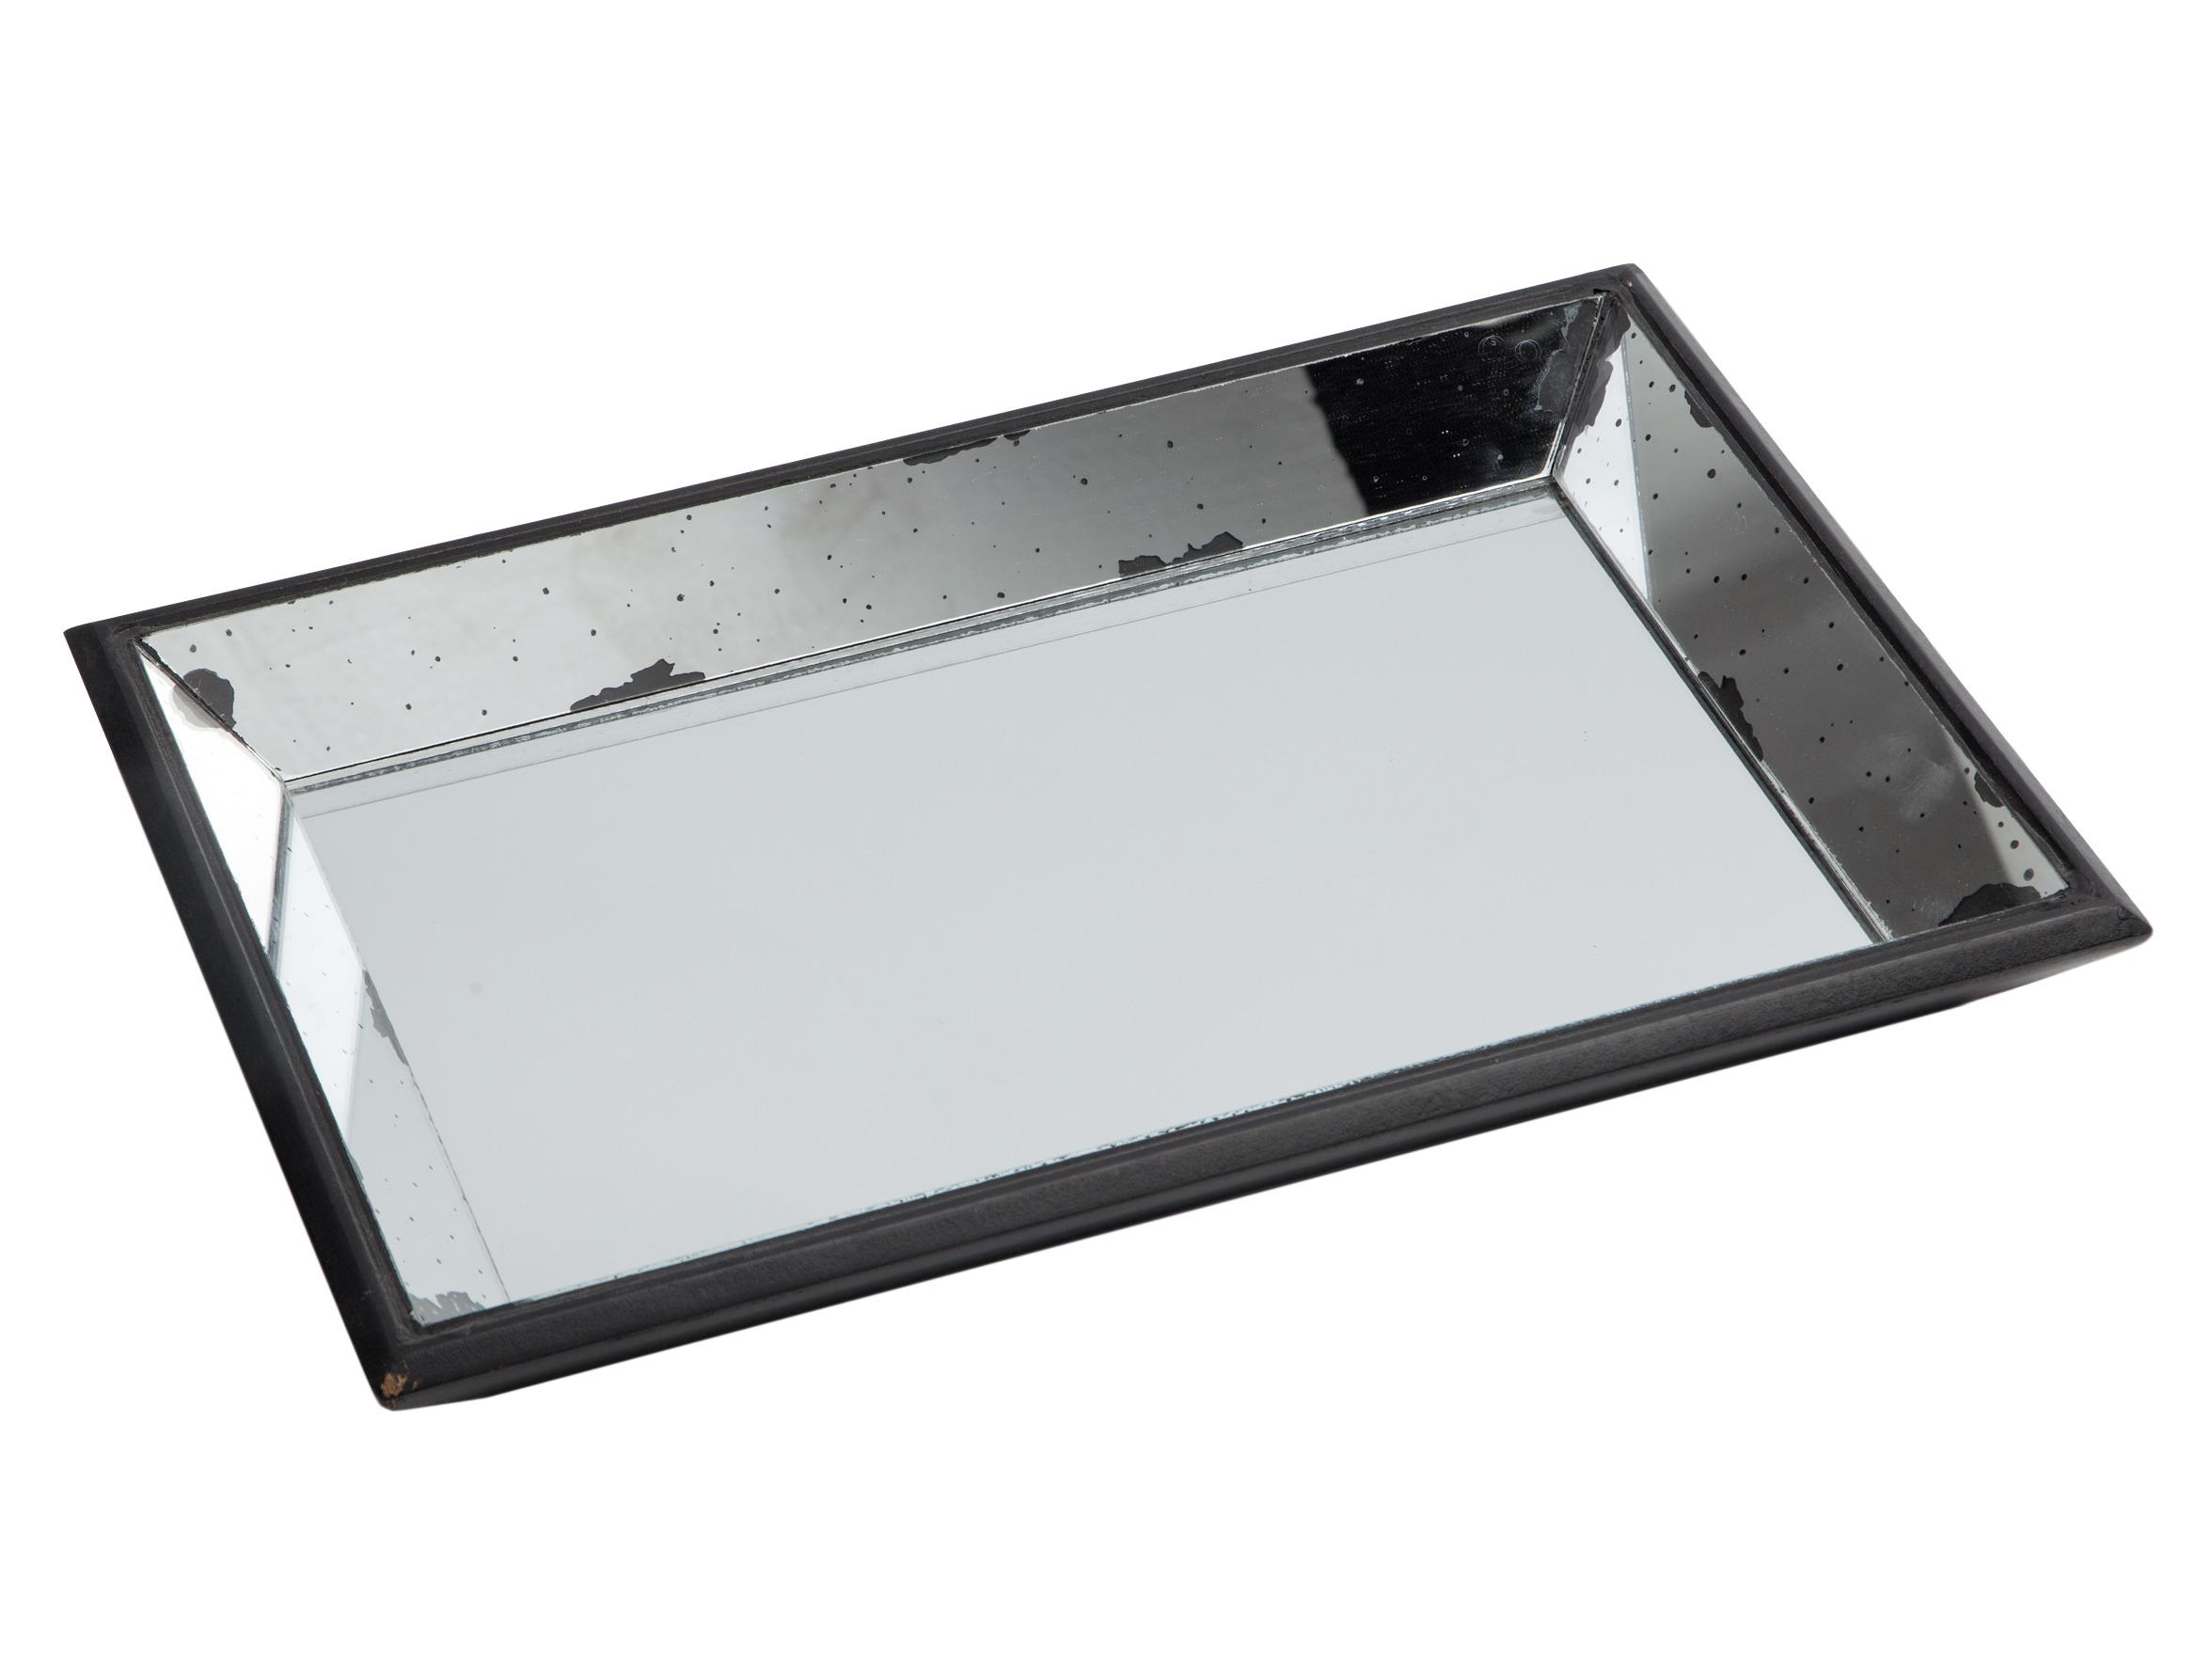 Поднос зеркальныйДекоративные подносы<br>Поднос прямоугольный из зеркального стекла со старением.<br><br>Material: Стекло<br>Ширина см: 50<br>Высота см: 5<br>Глубина см: 33